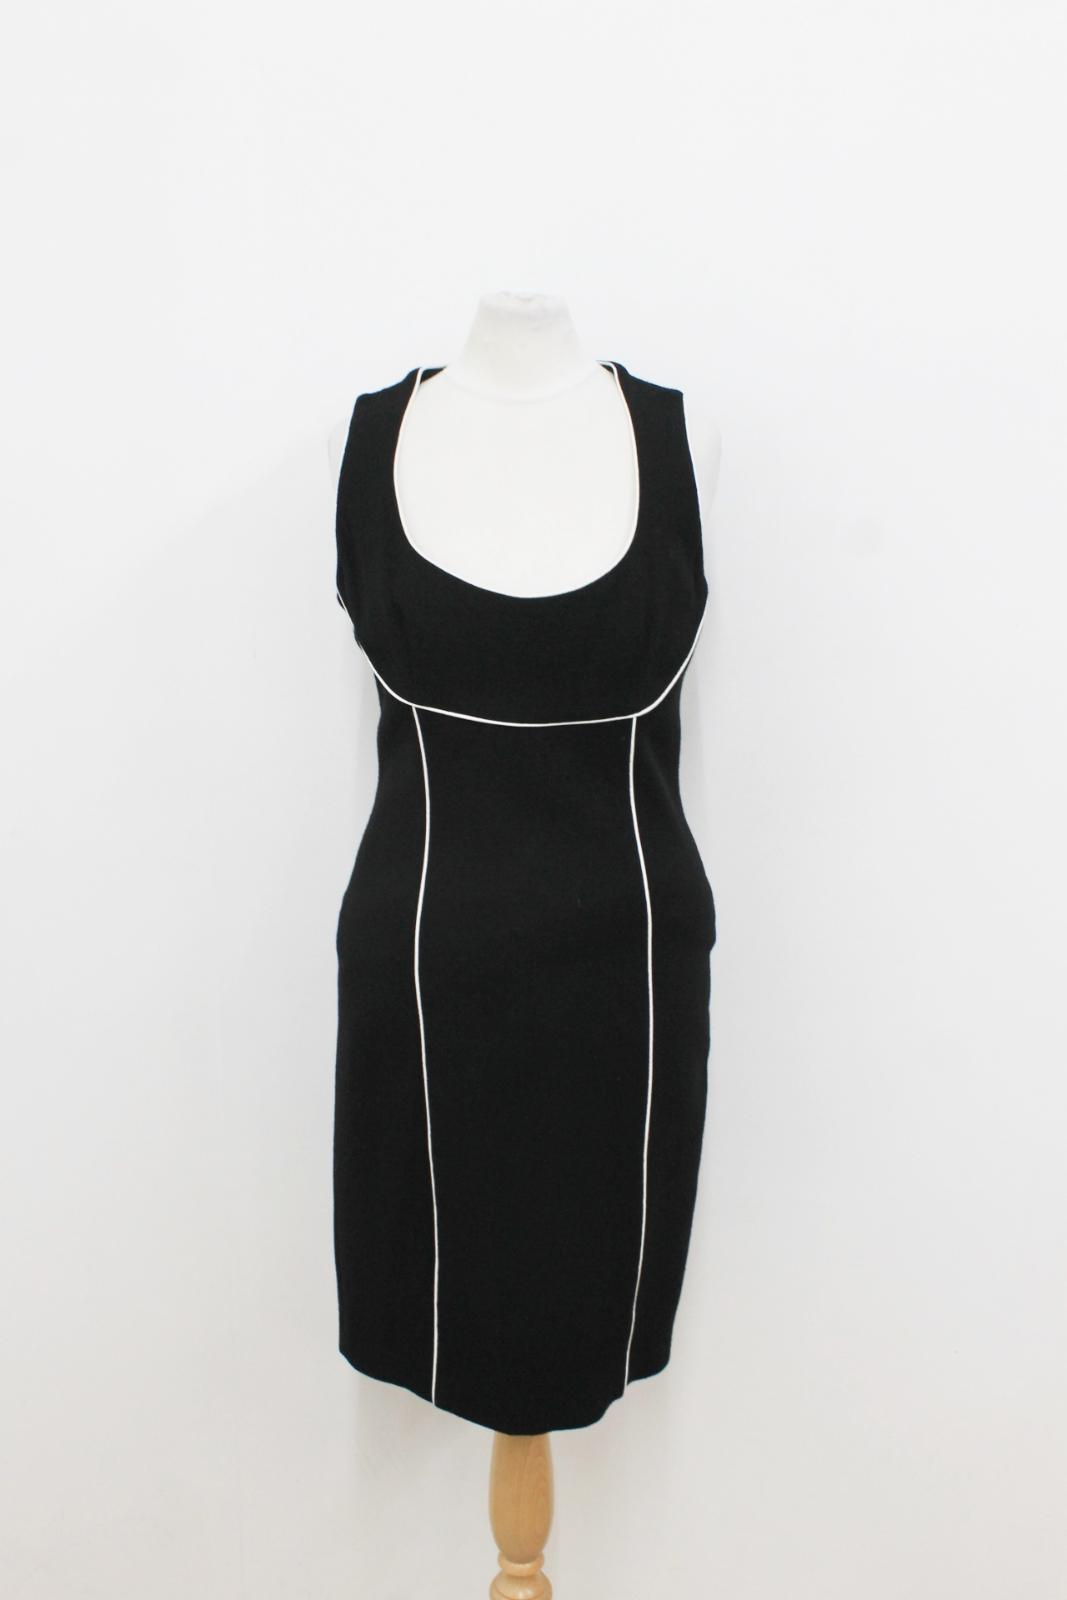 BNWT GIO'GUERRERI Ladies schwarz schwarz schwarz Weiß Sleeveless Shift Dress Größe IT42 UK10 365734